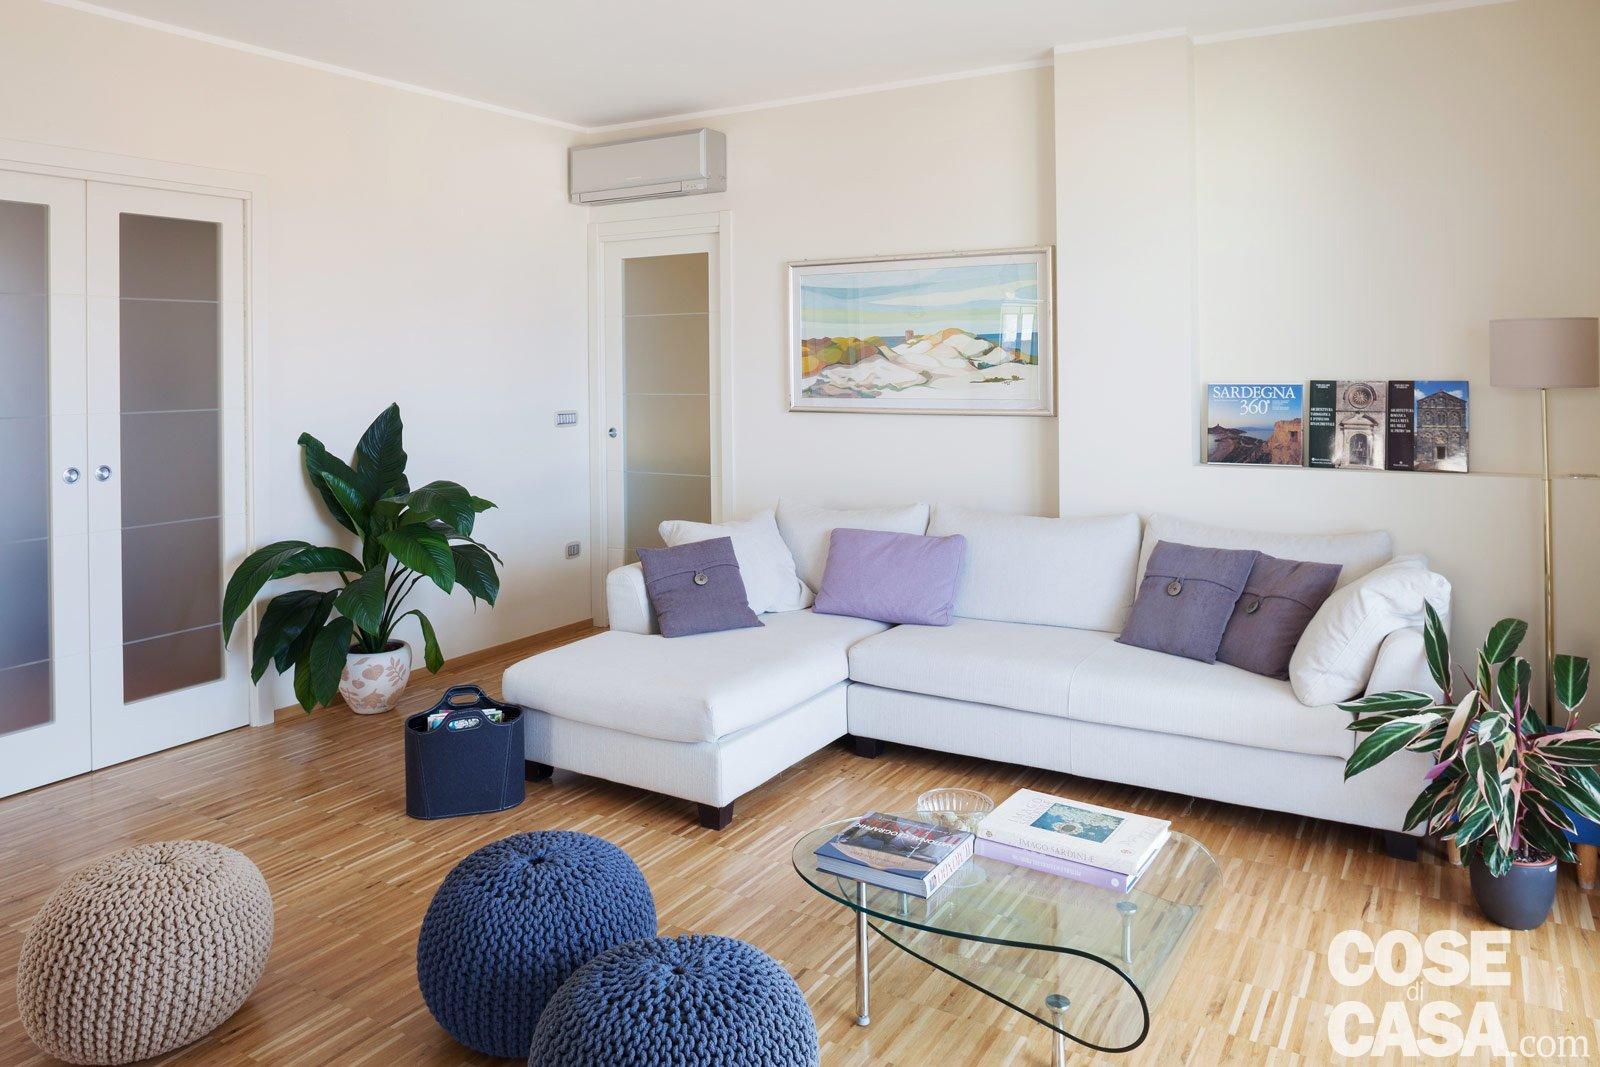 Una casa da due appartamenti con vista mare cose di casa - Cose per la casa on line ...